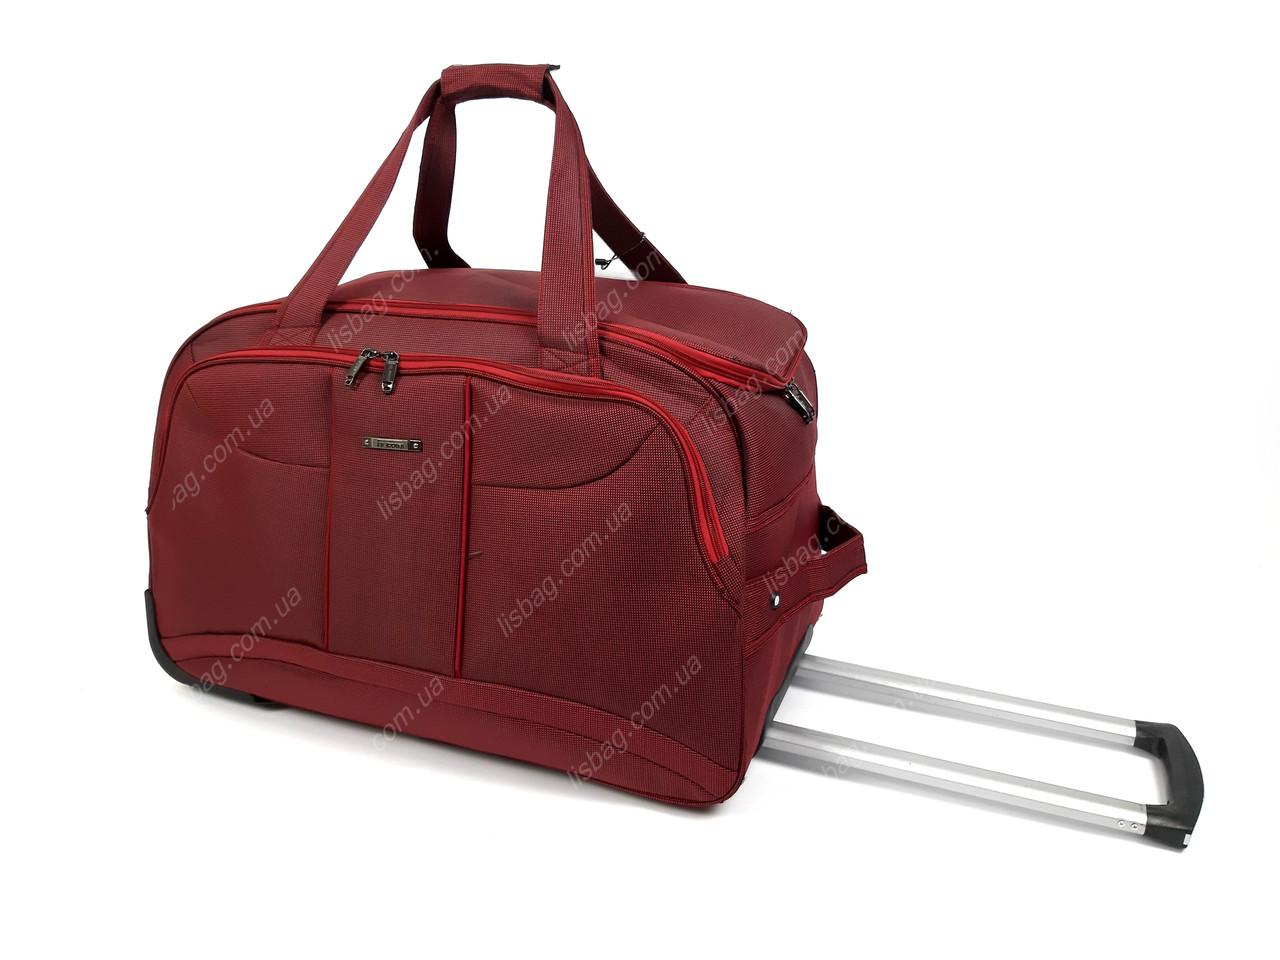 4a28725e97e8 Большая сумка на 3х колесах прочная L (80 л) Бордовая (64*34*38 ...